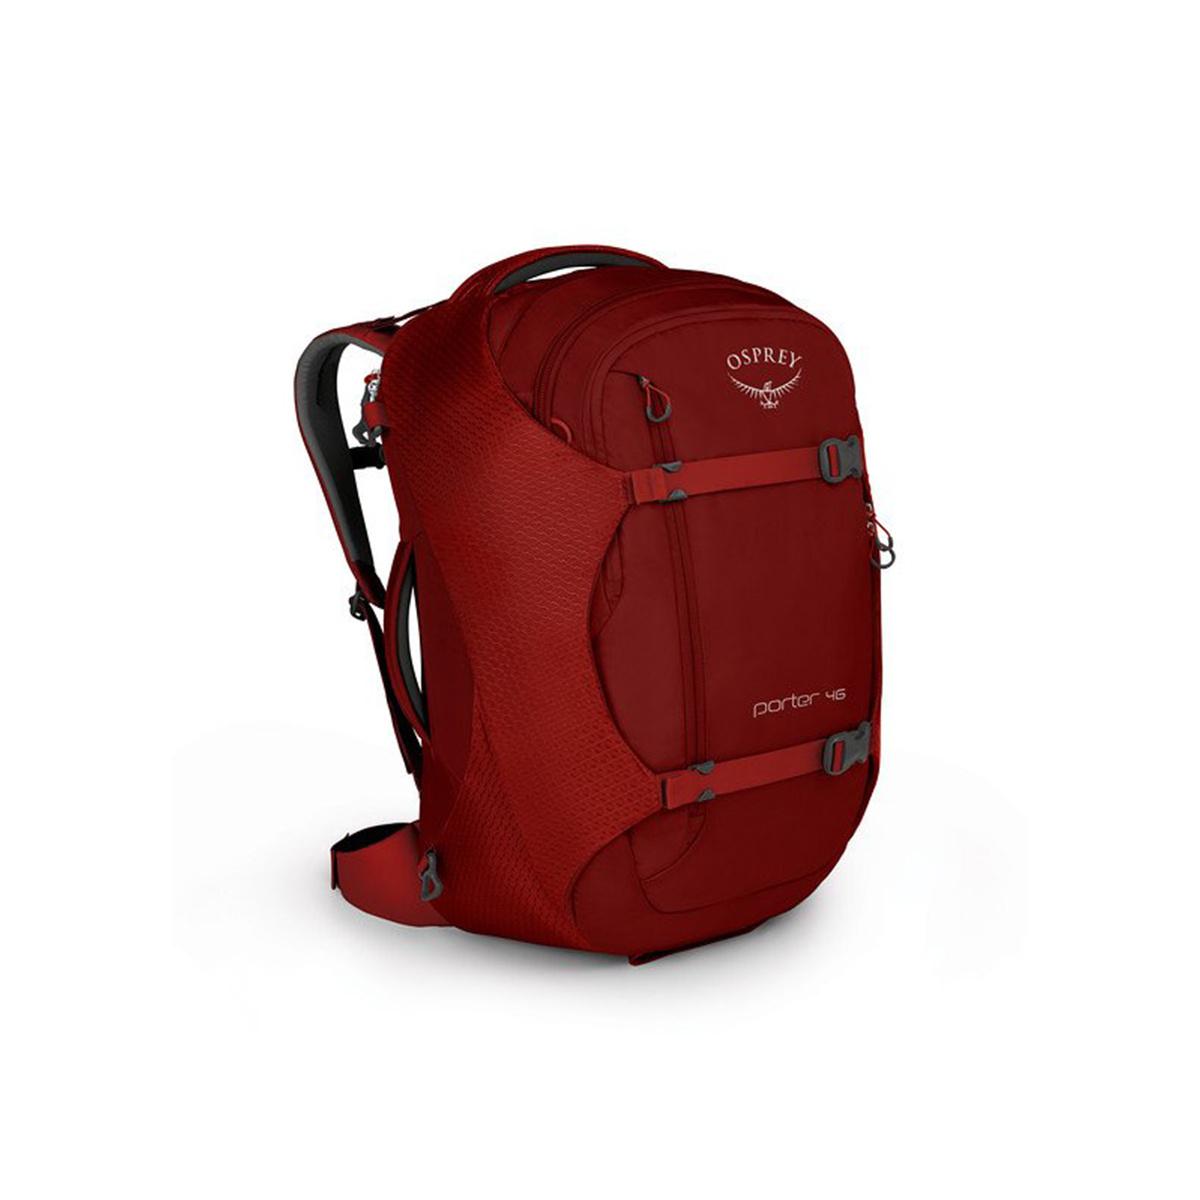 Osprey Packs Porter 46